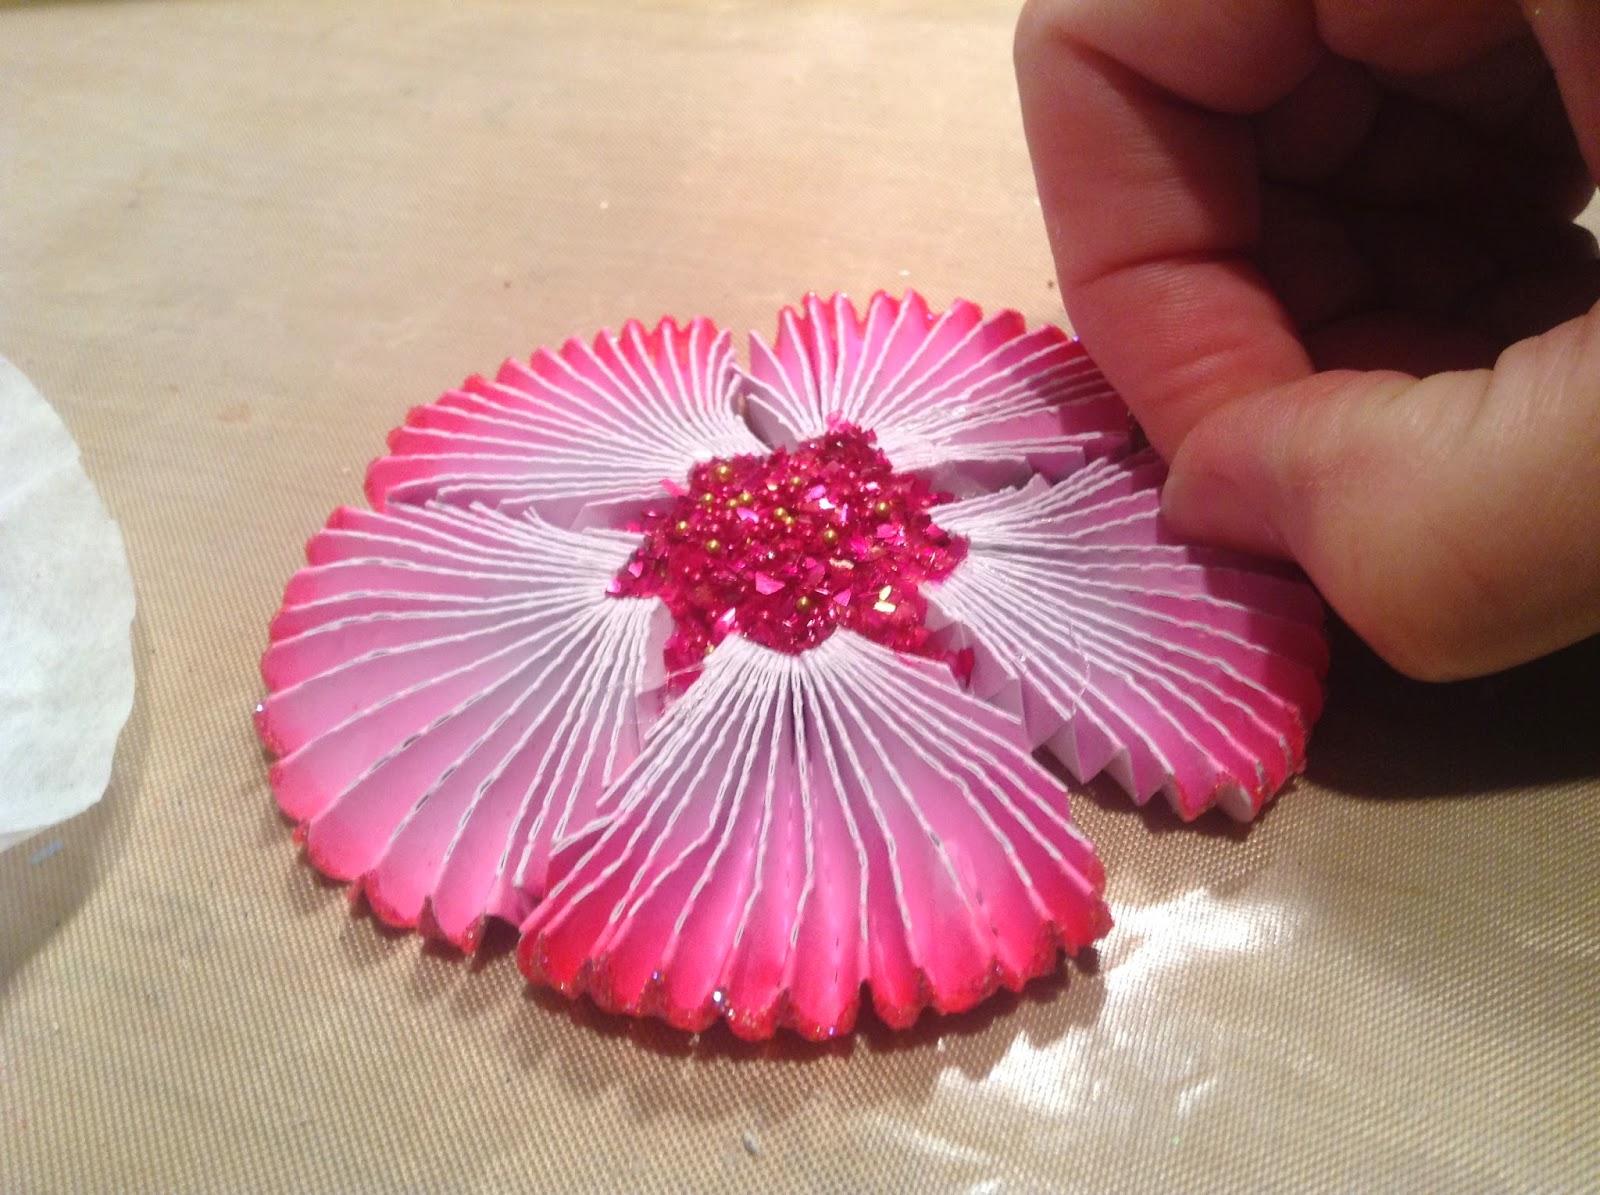 Artglitterblog Art Glitter Flowers